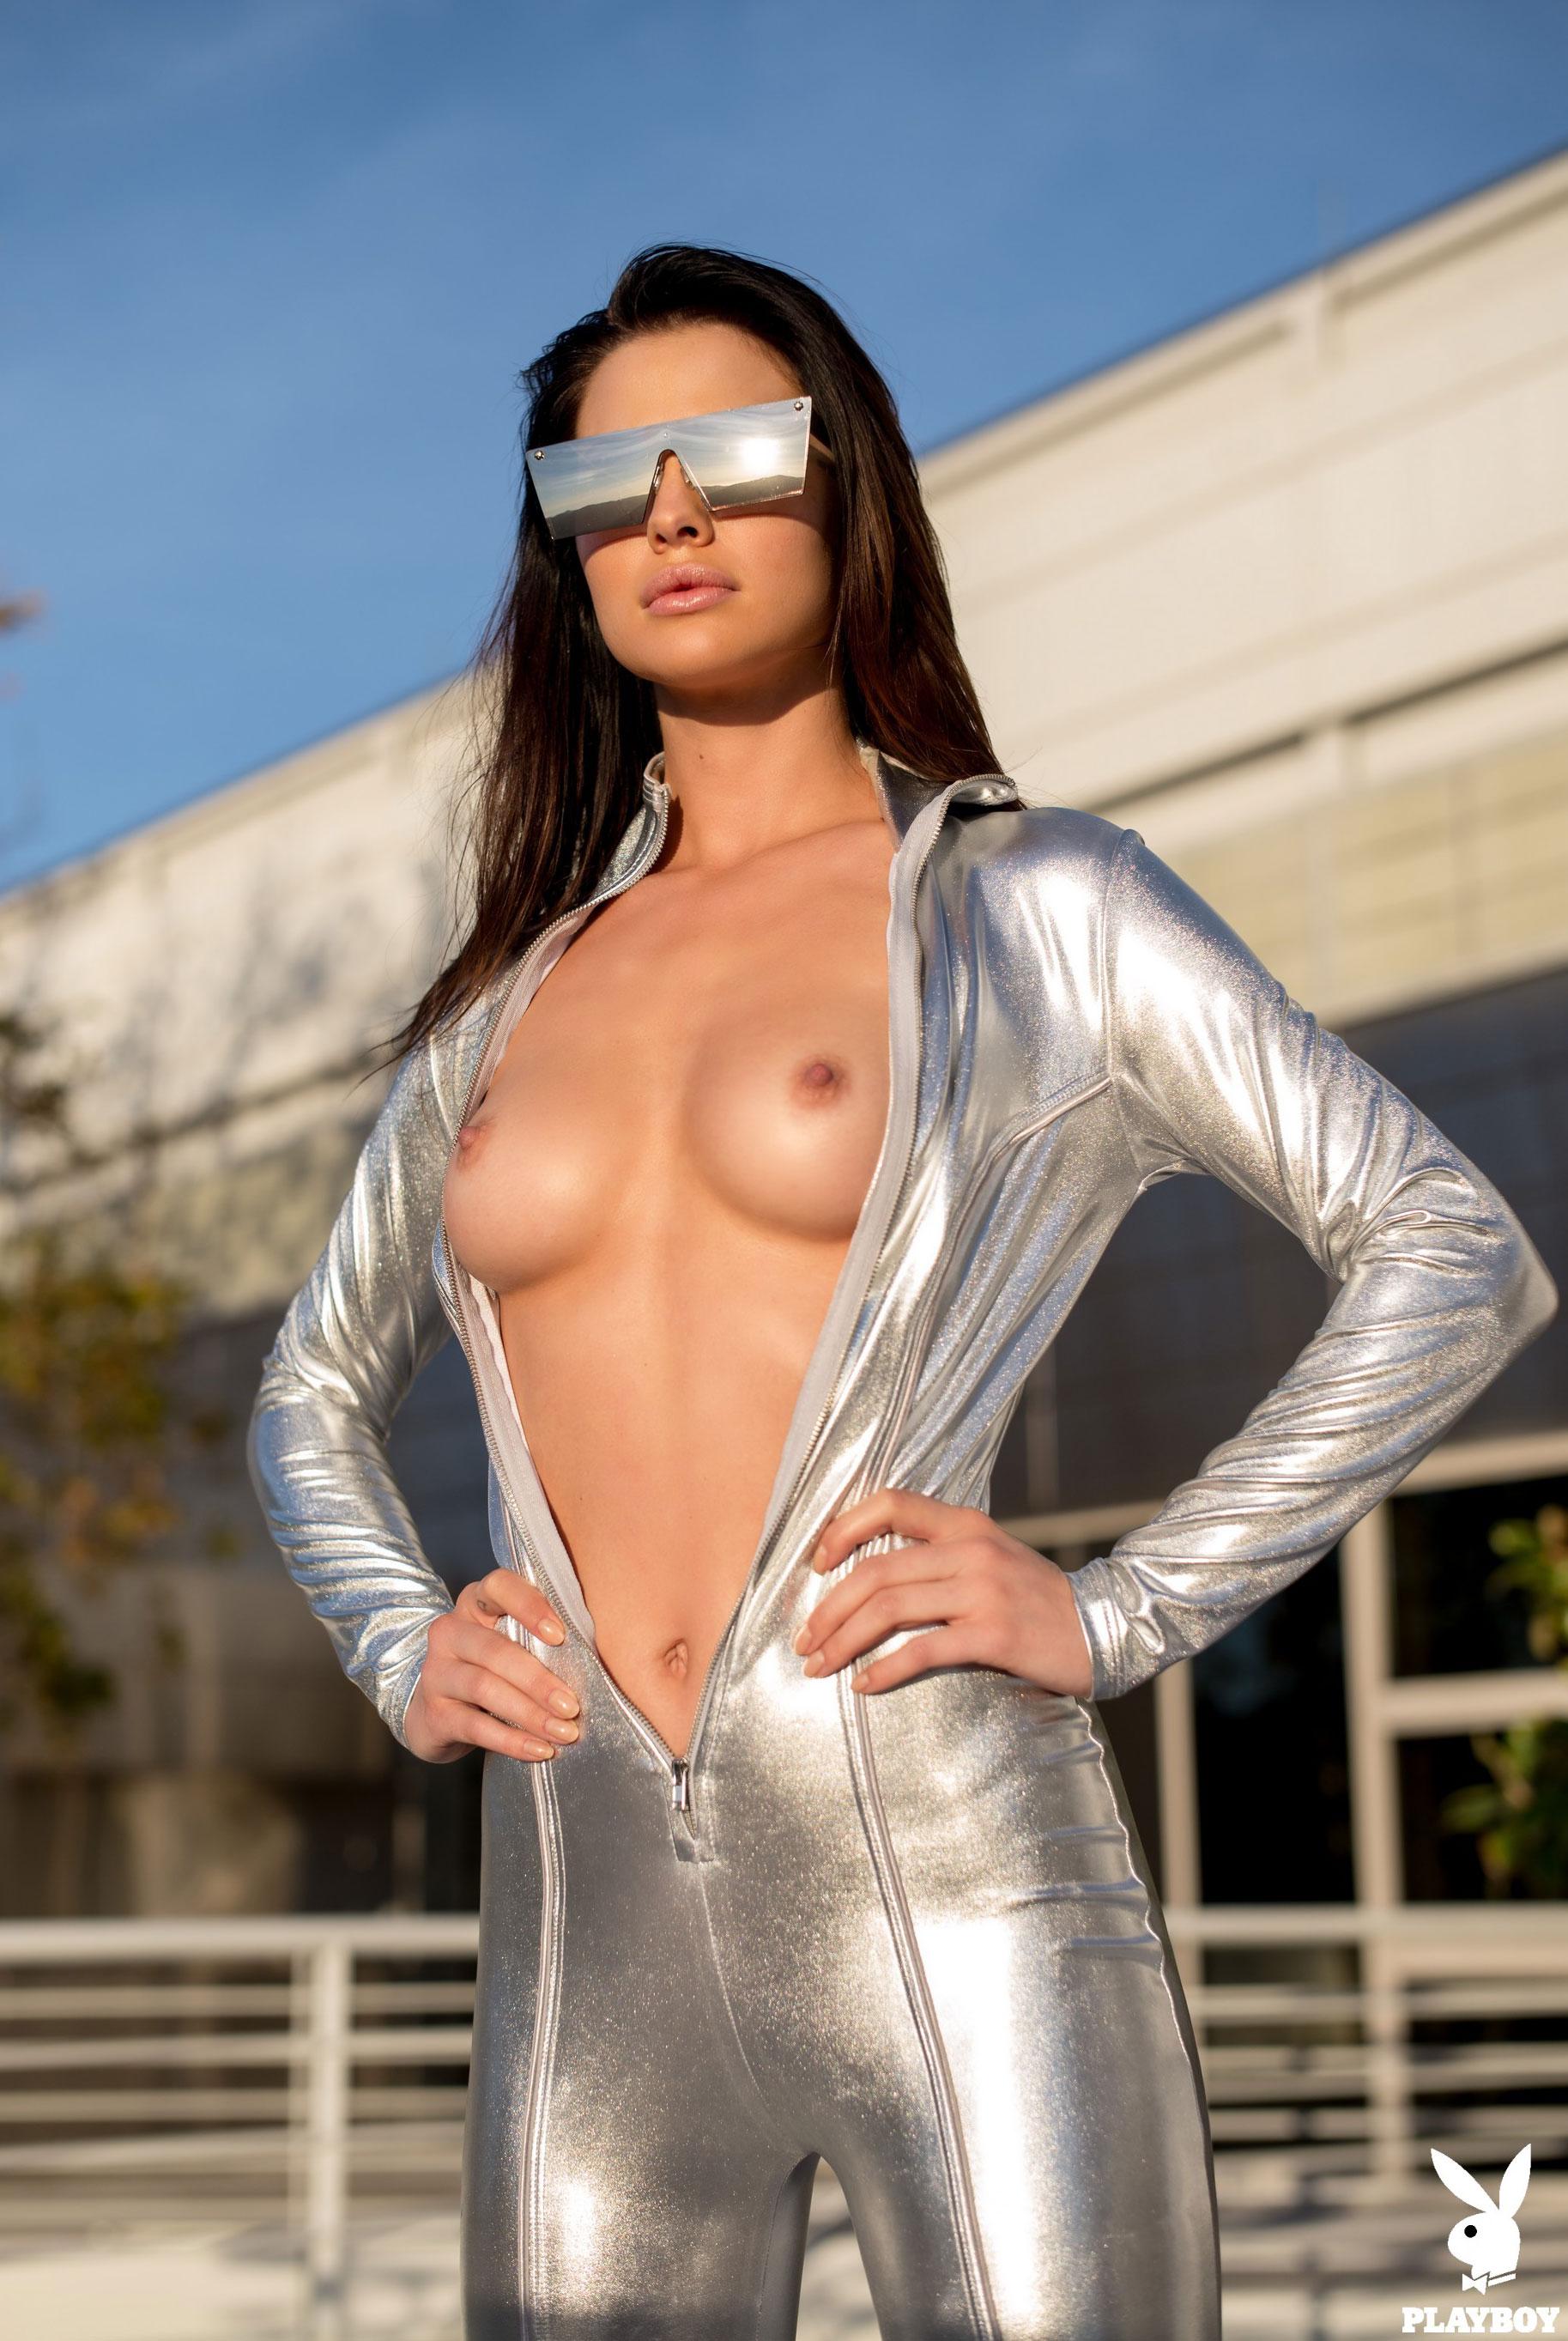 Девушка месяца Jenny Watwood / Playboy США, март 2018 / фото 10